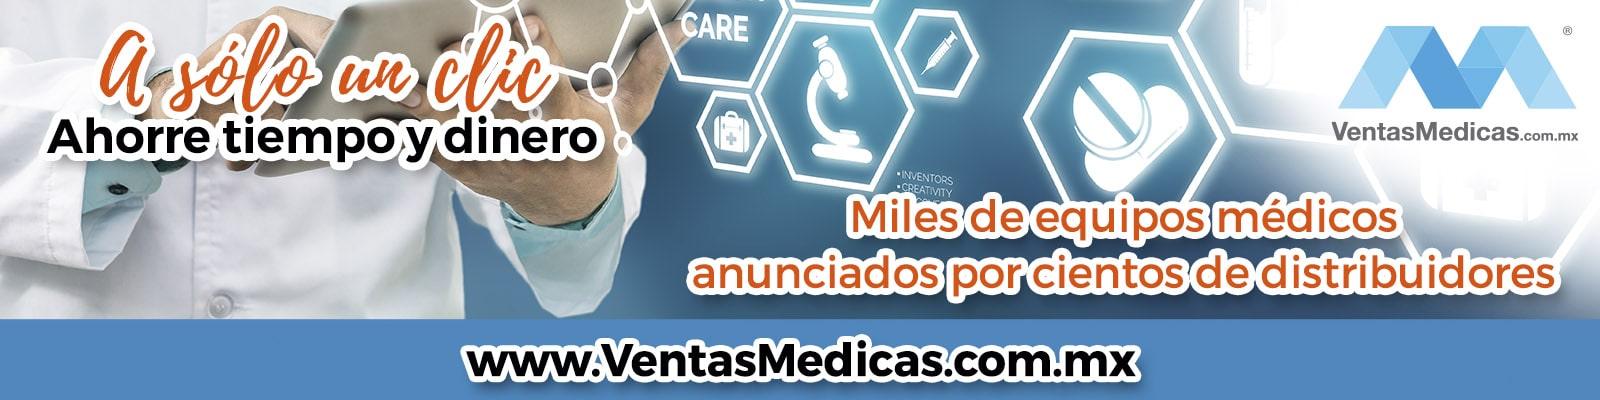 ventas medicas latinzoo